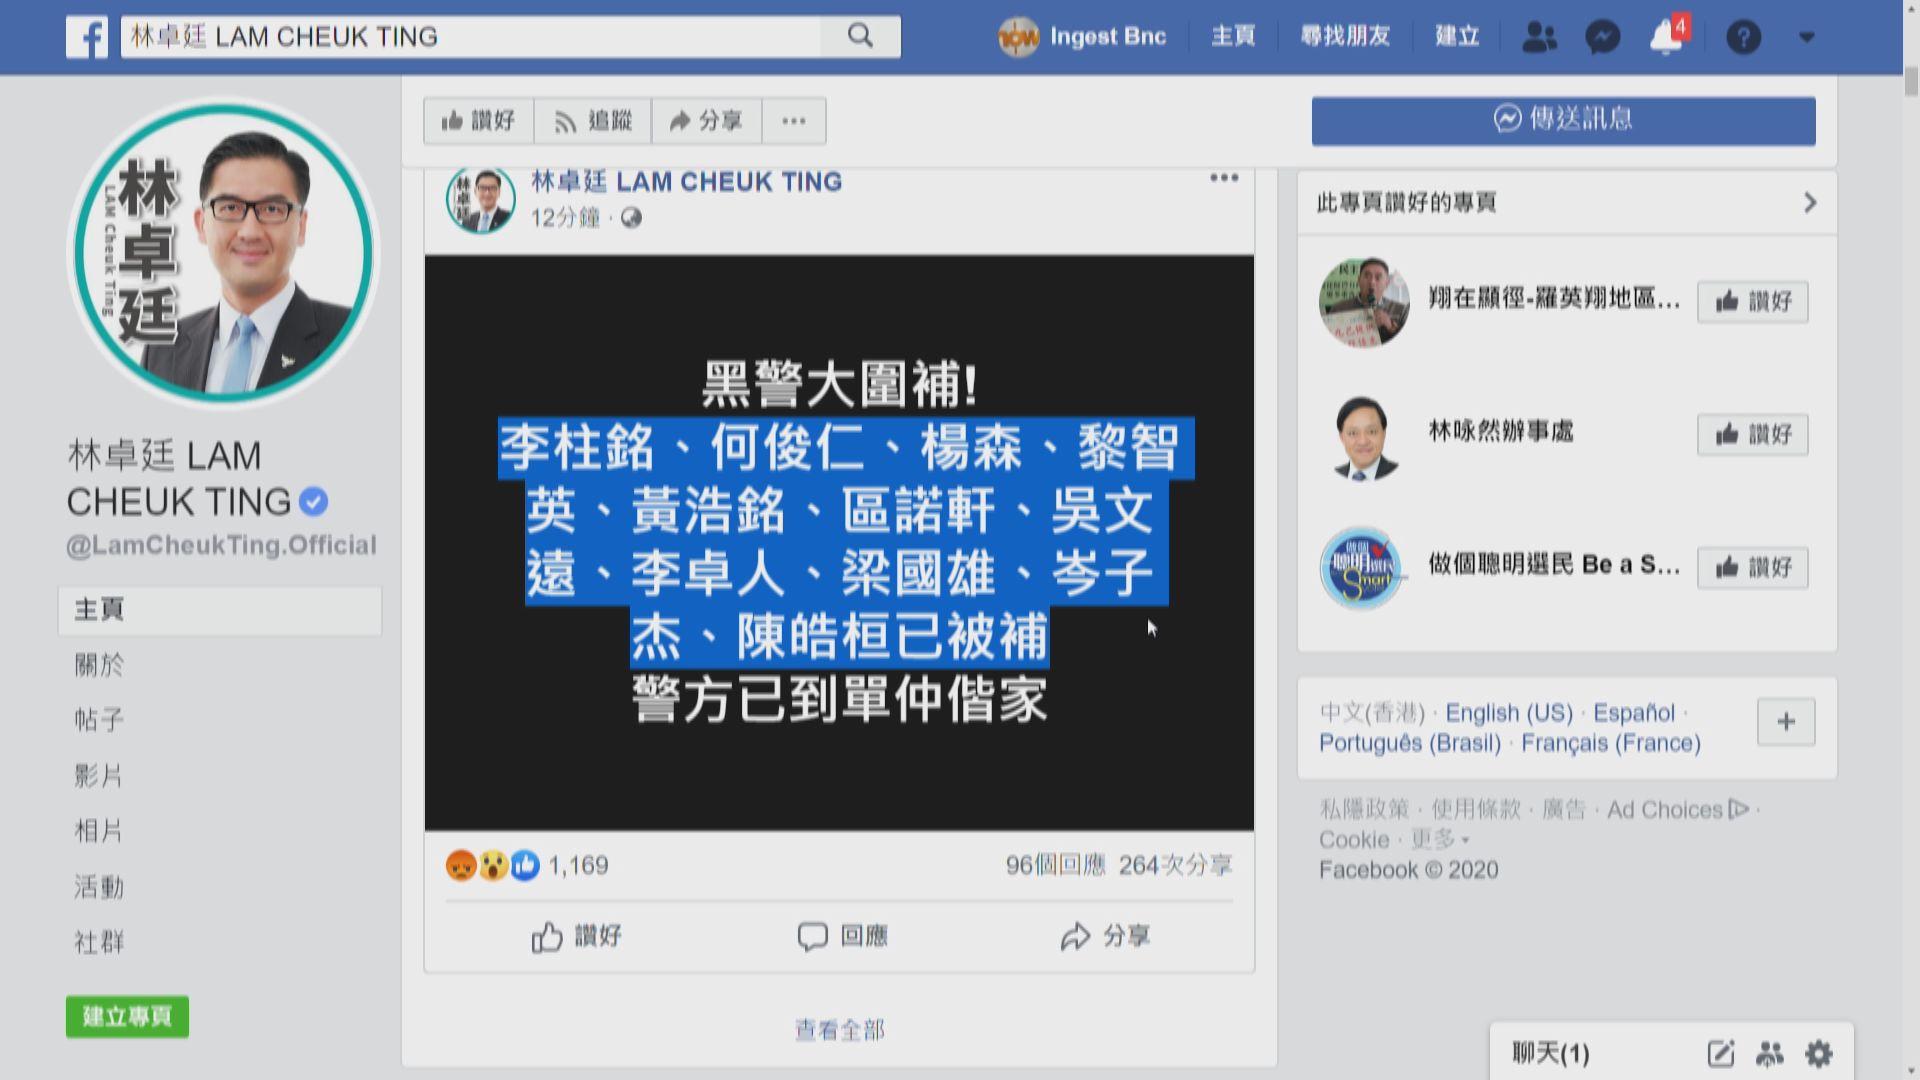 李卓人吳文遠等民主派人士涉未經批准遊行被捕